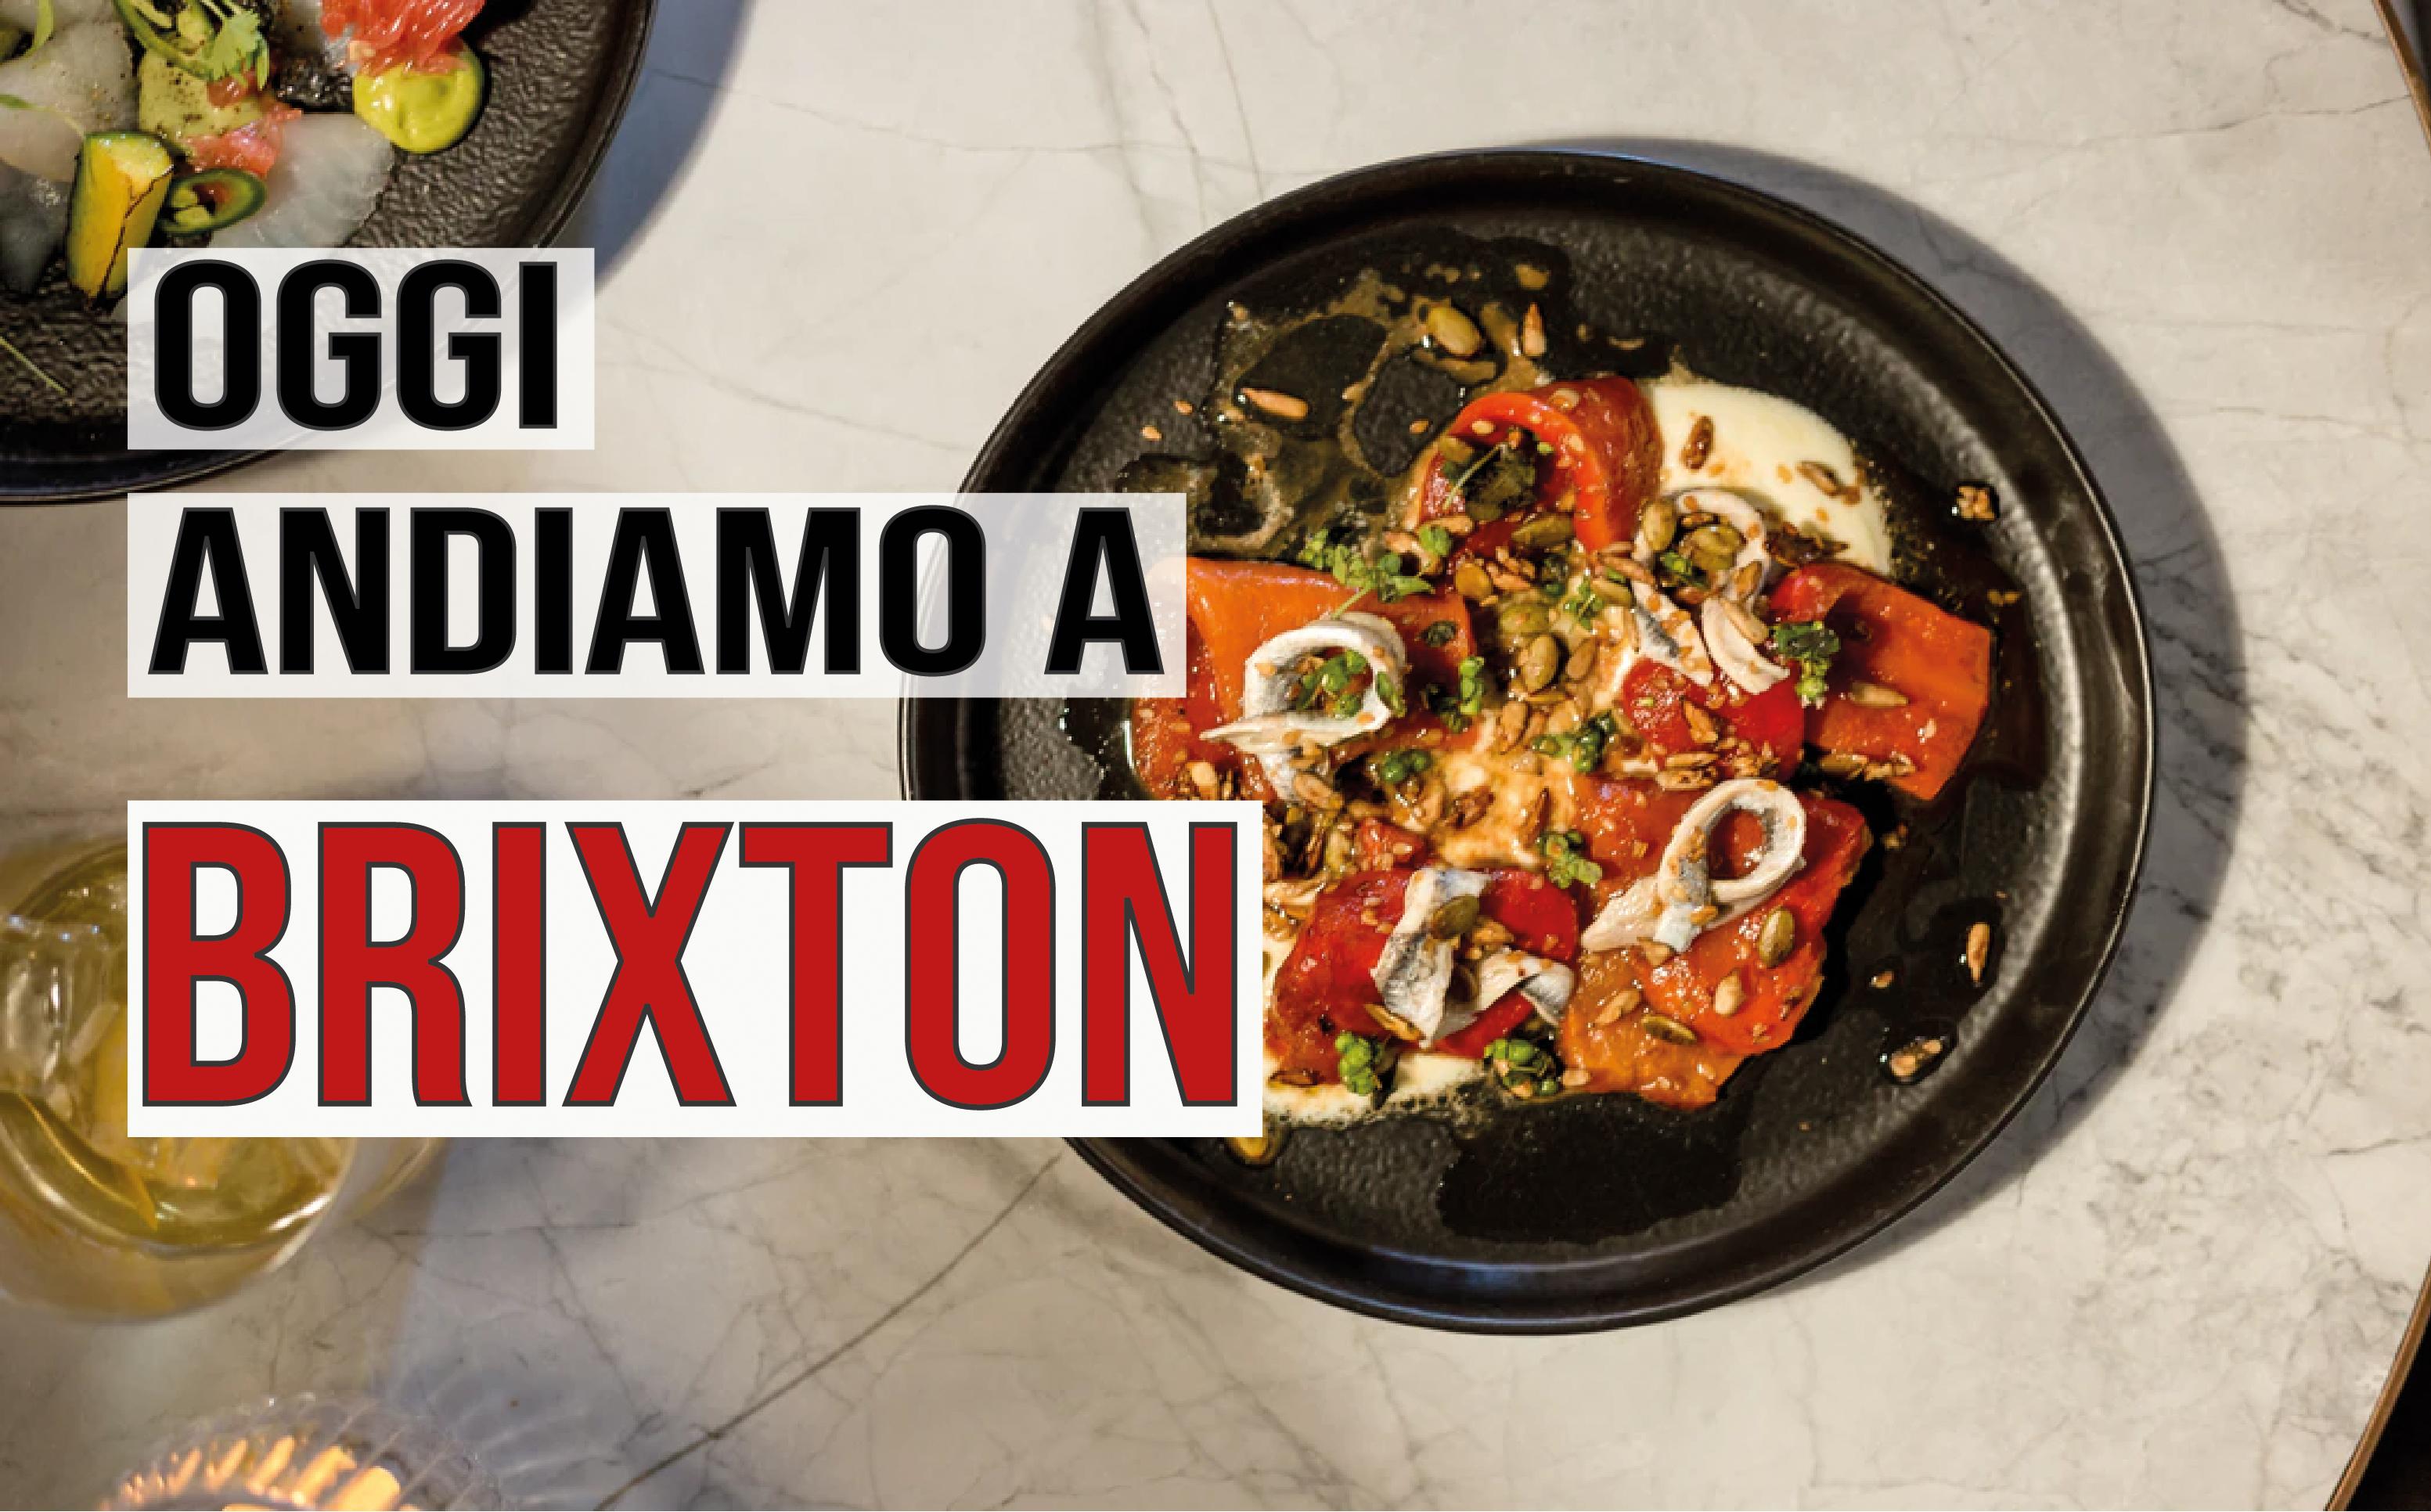 Conosci Brixton? Ecco perchè ci piace.